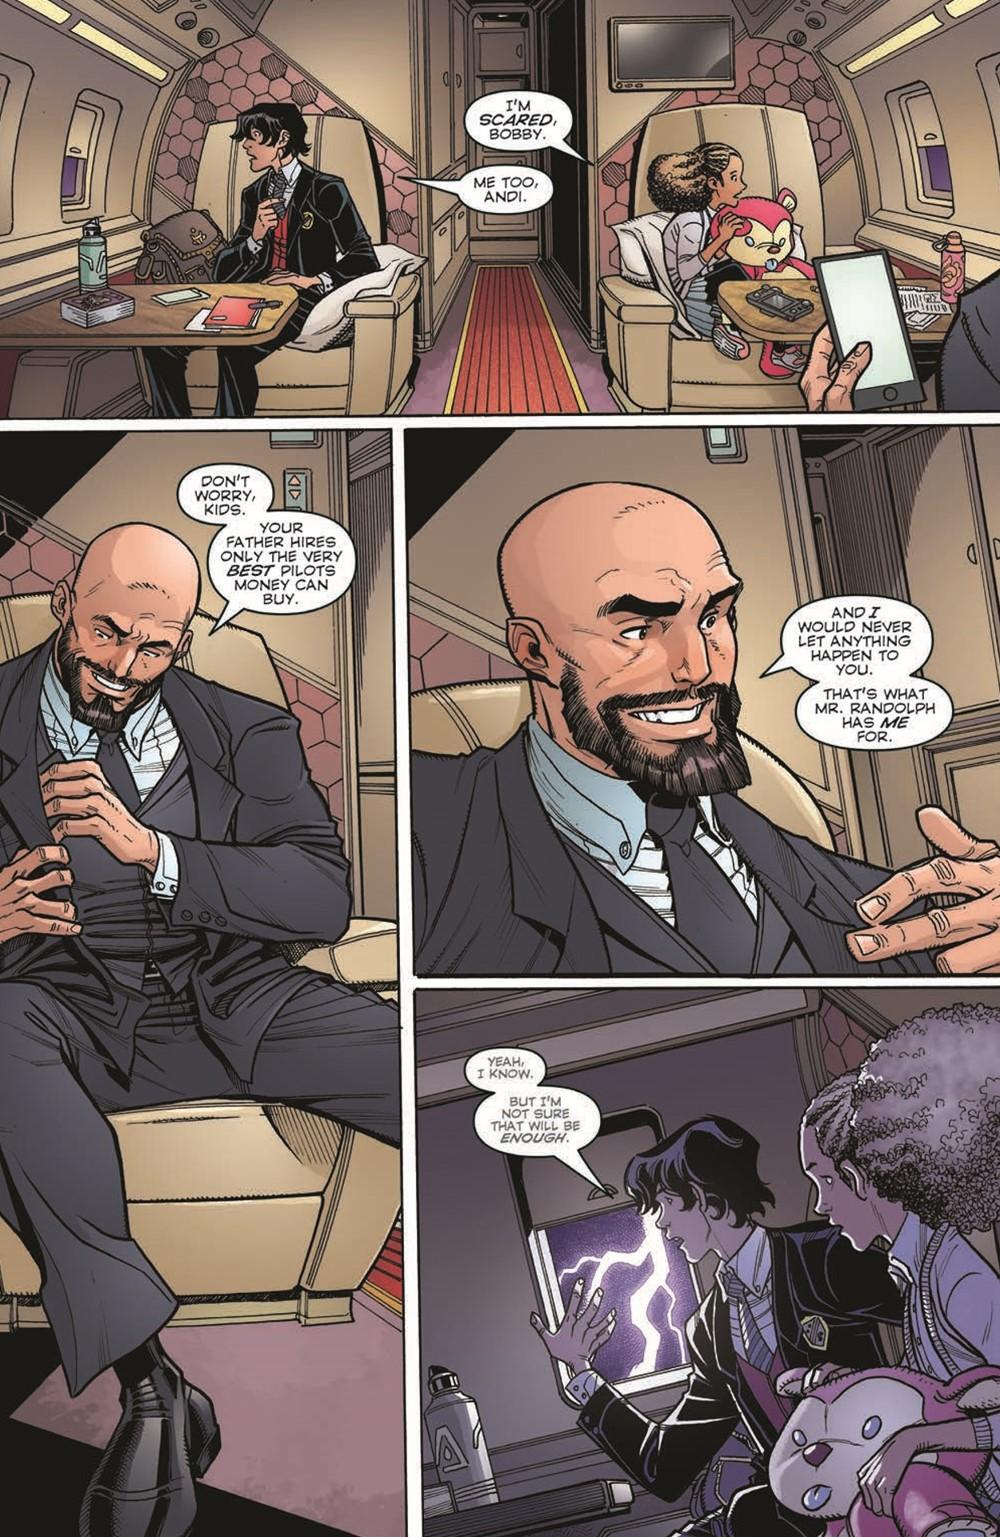 BERMUDA_01-pr-4 ComicList Previews: BERMUDA #1 (OF 4)